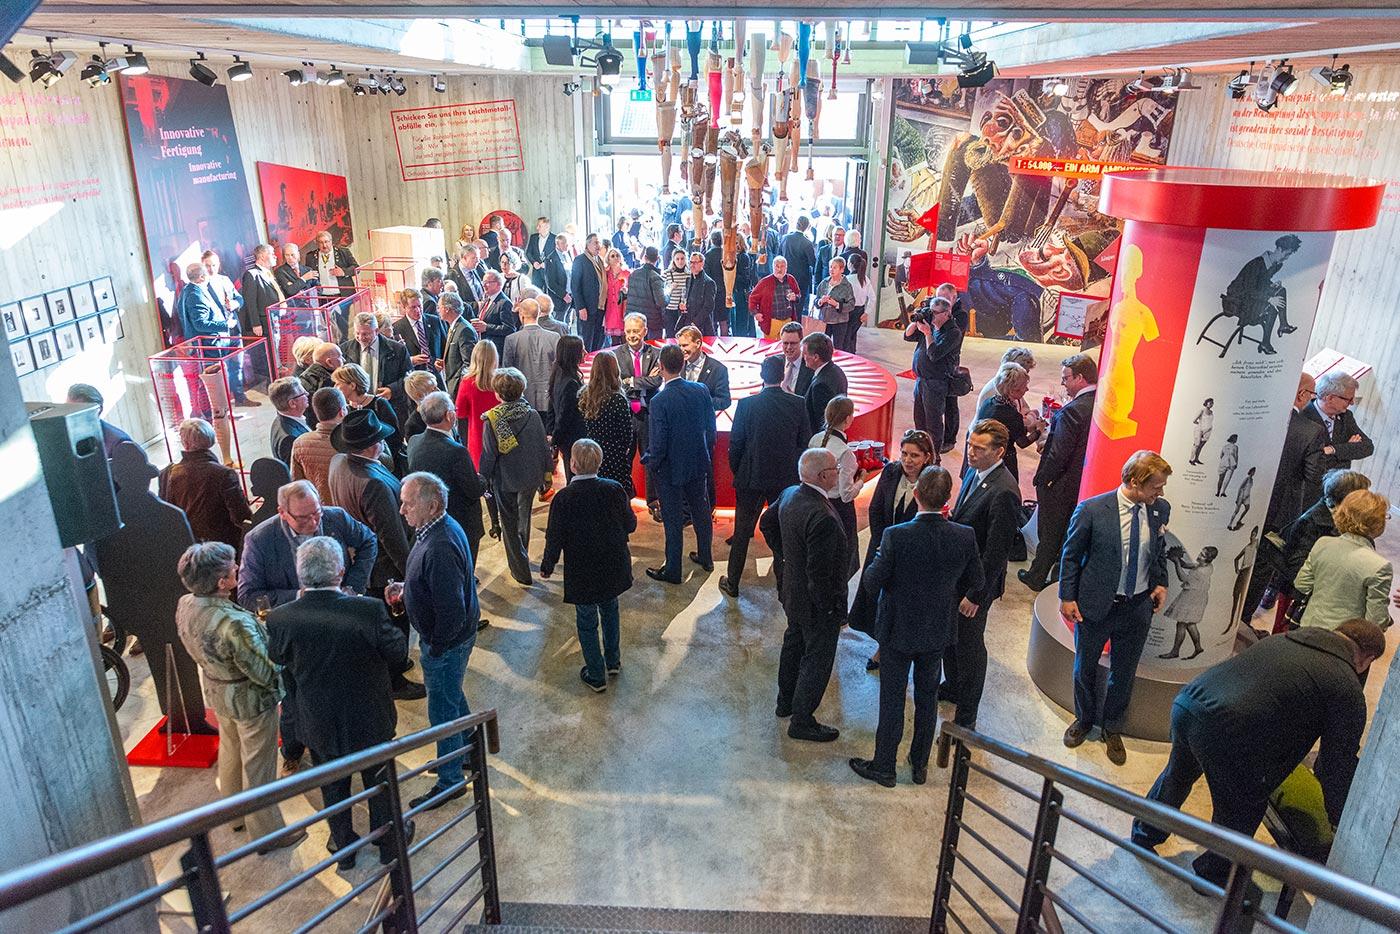 Ottobock's 100-year history 08:Ausstellungseröffnung anlässlich 100 Jahre Ottobock